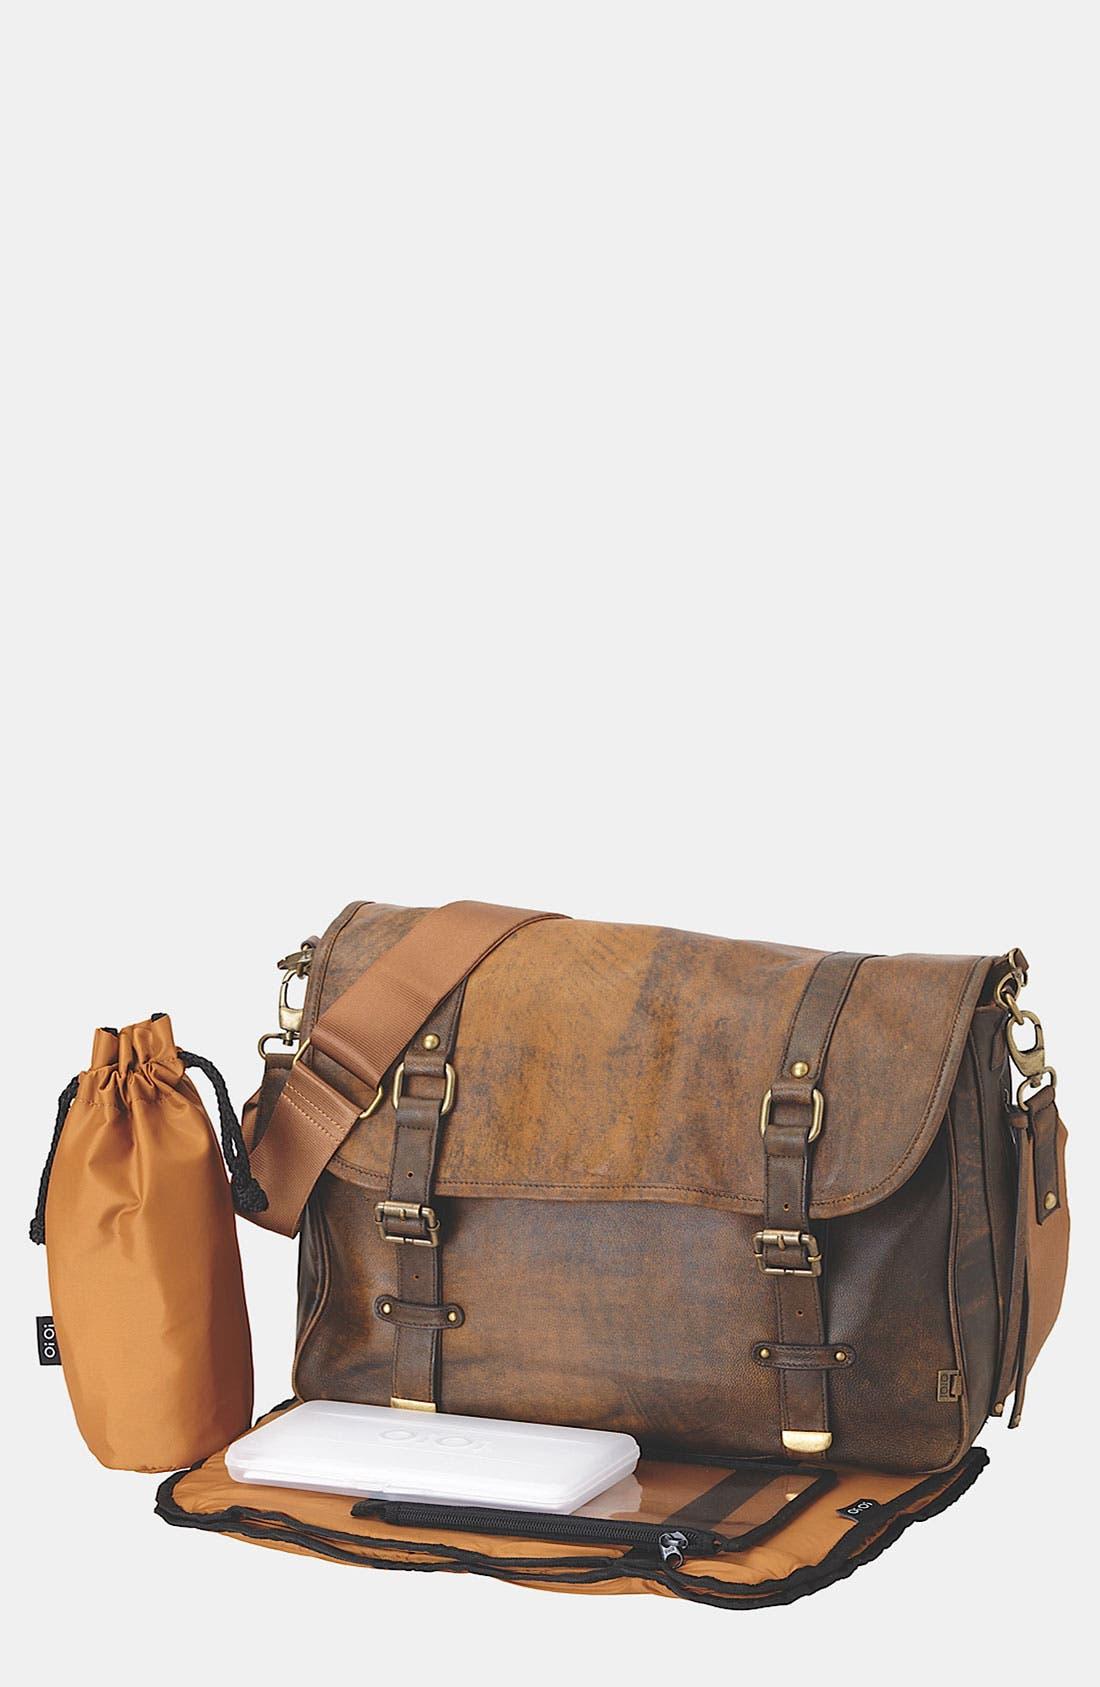 Main Image - OiOi 'Jungle' Leather Diaper Bag